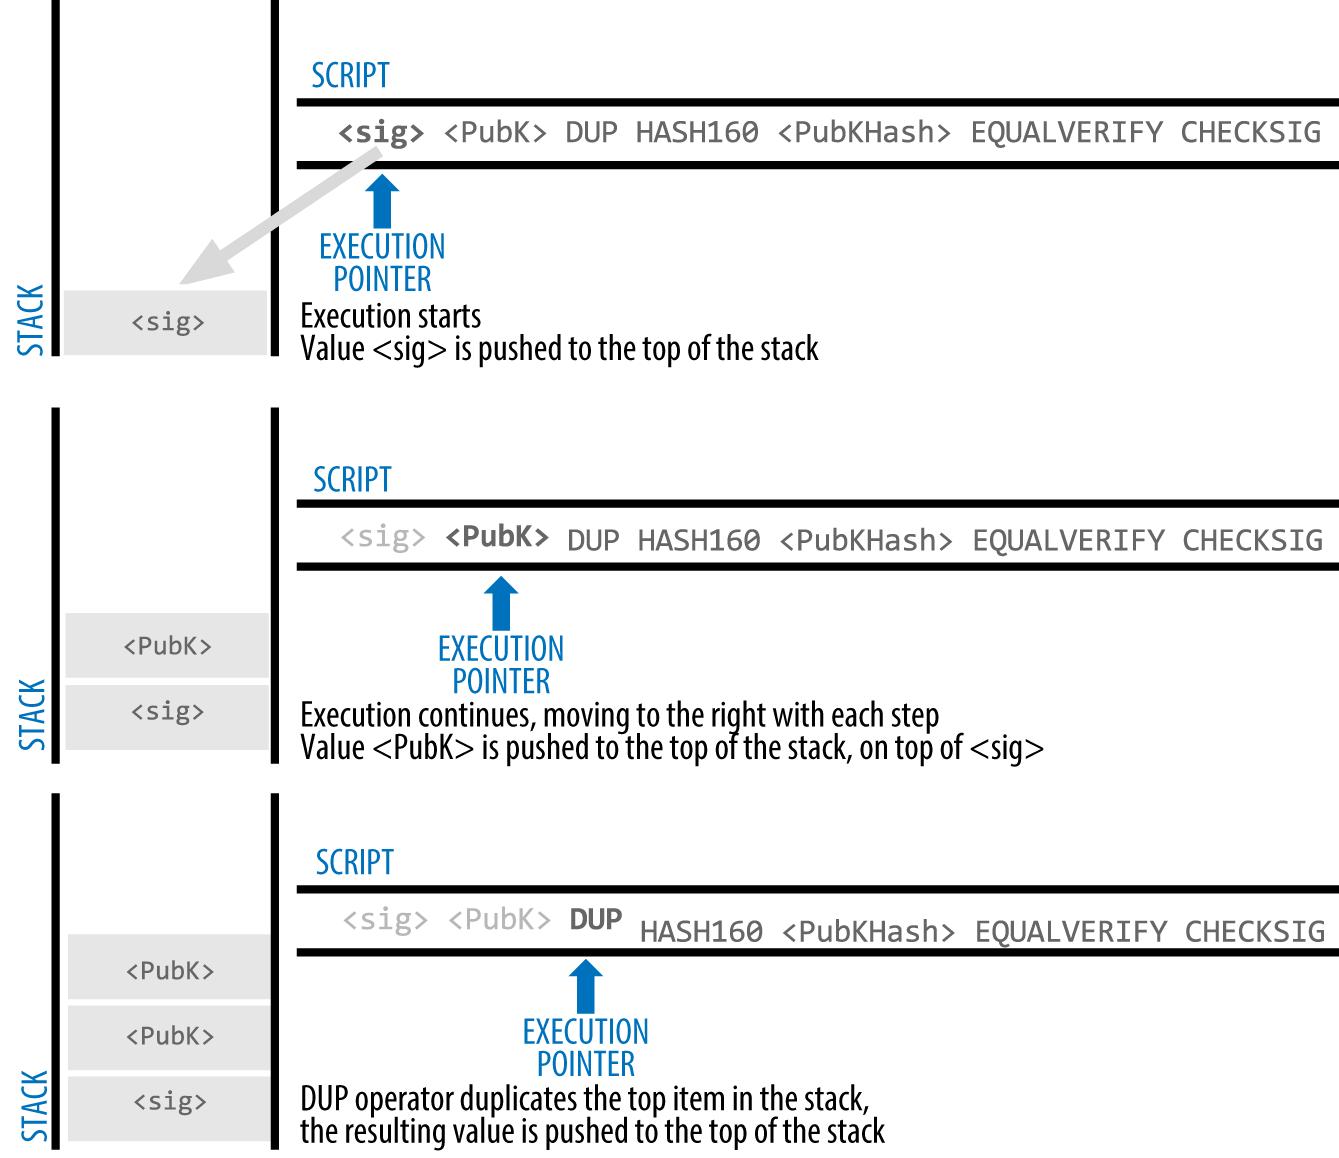 图6-5评估P2PKH交易的脚本(1/2)